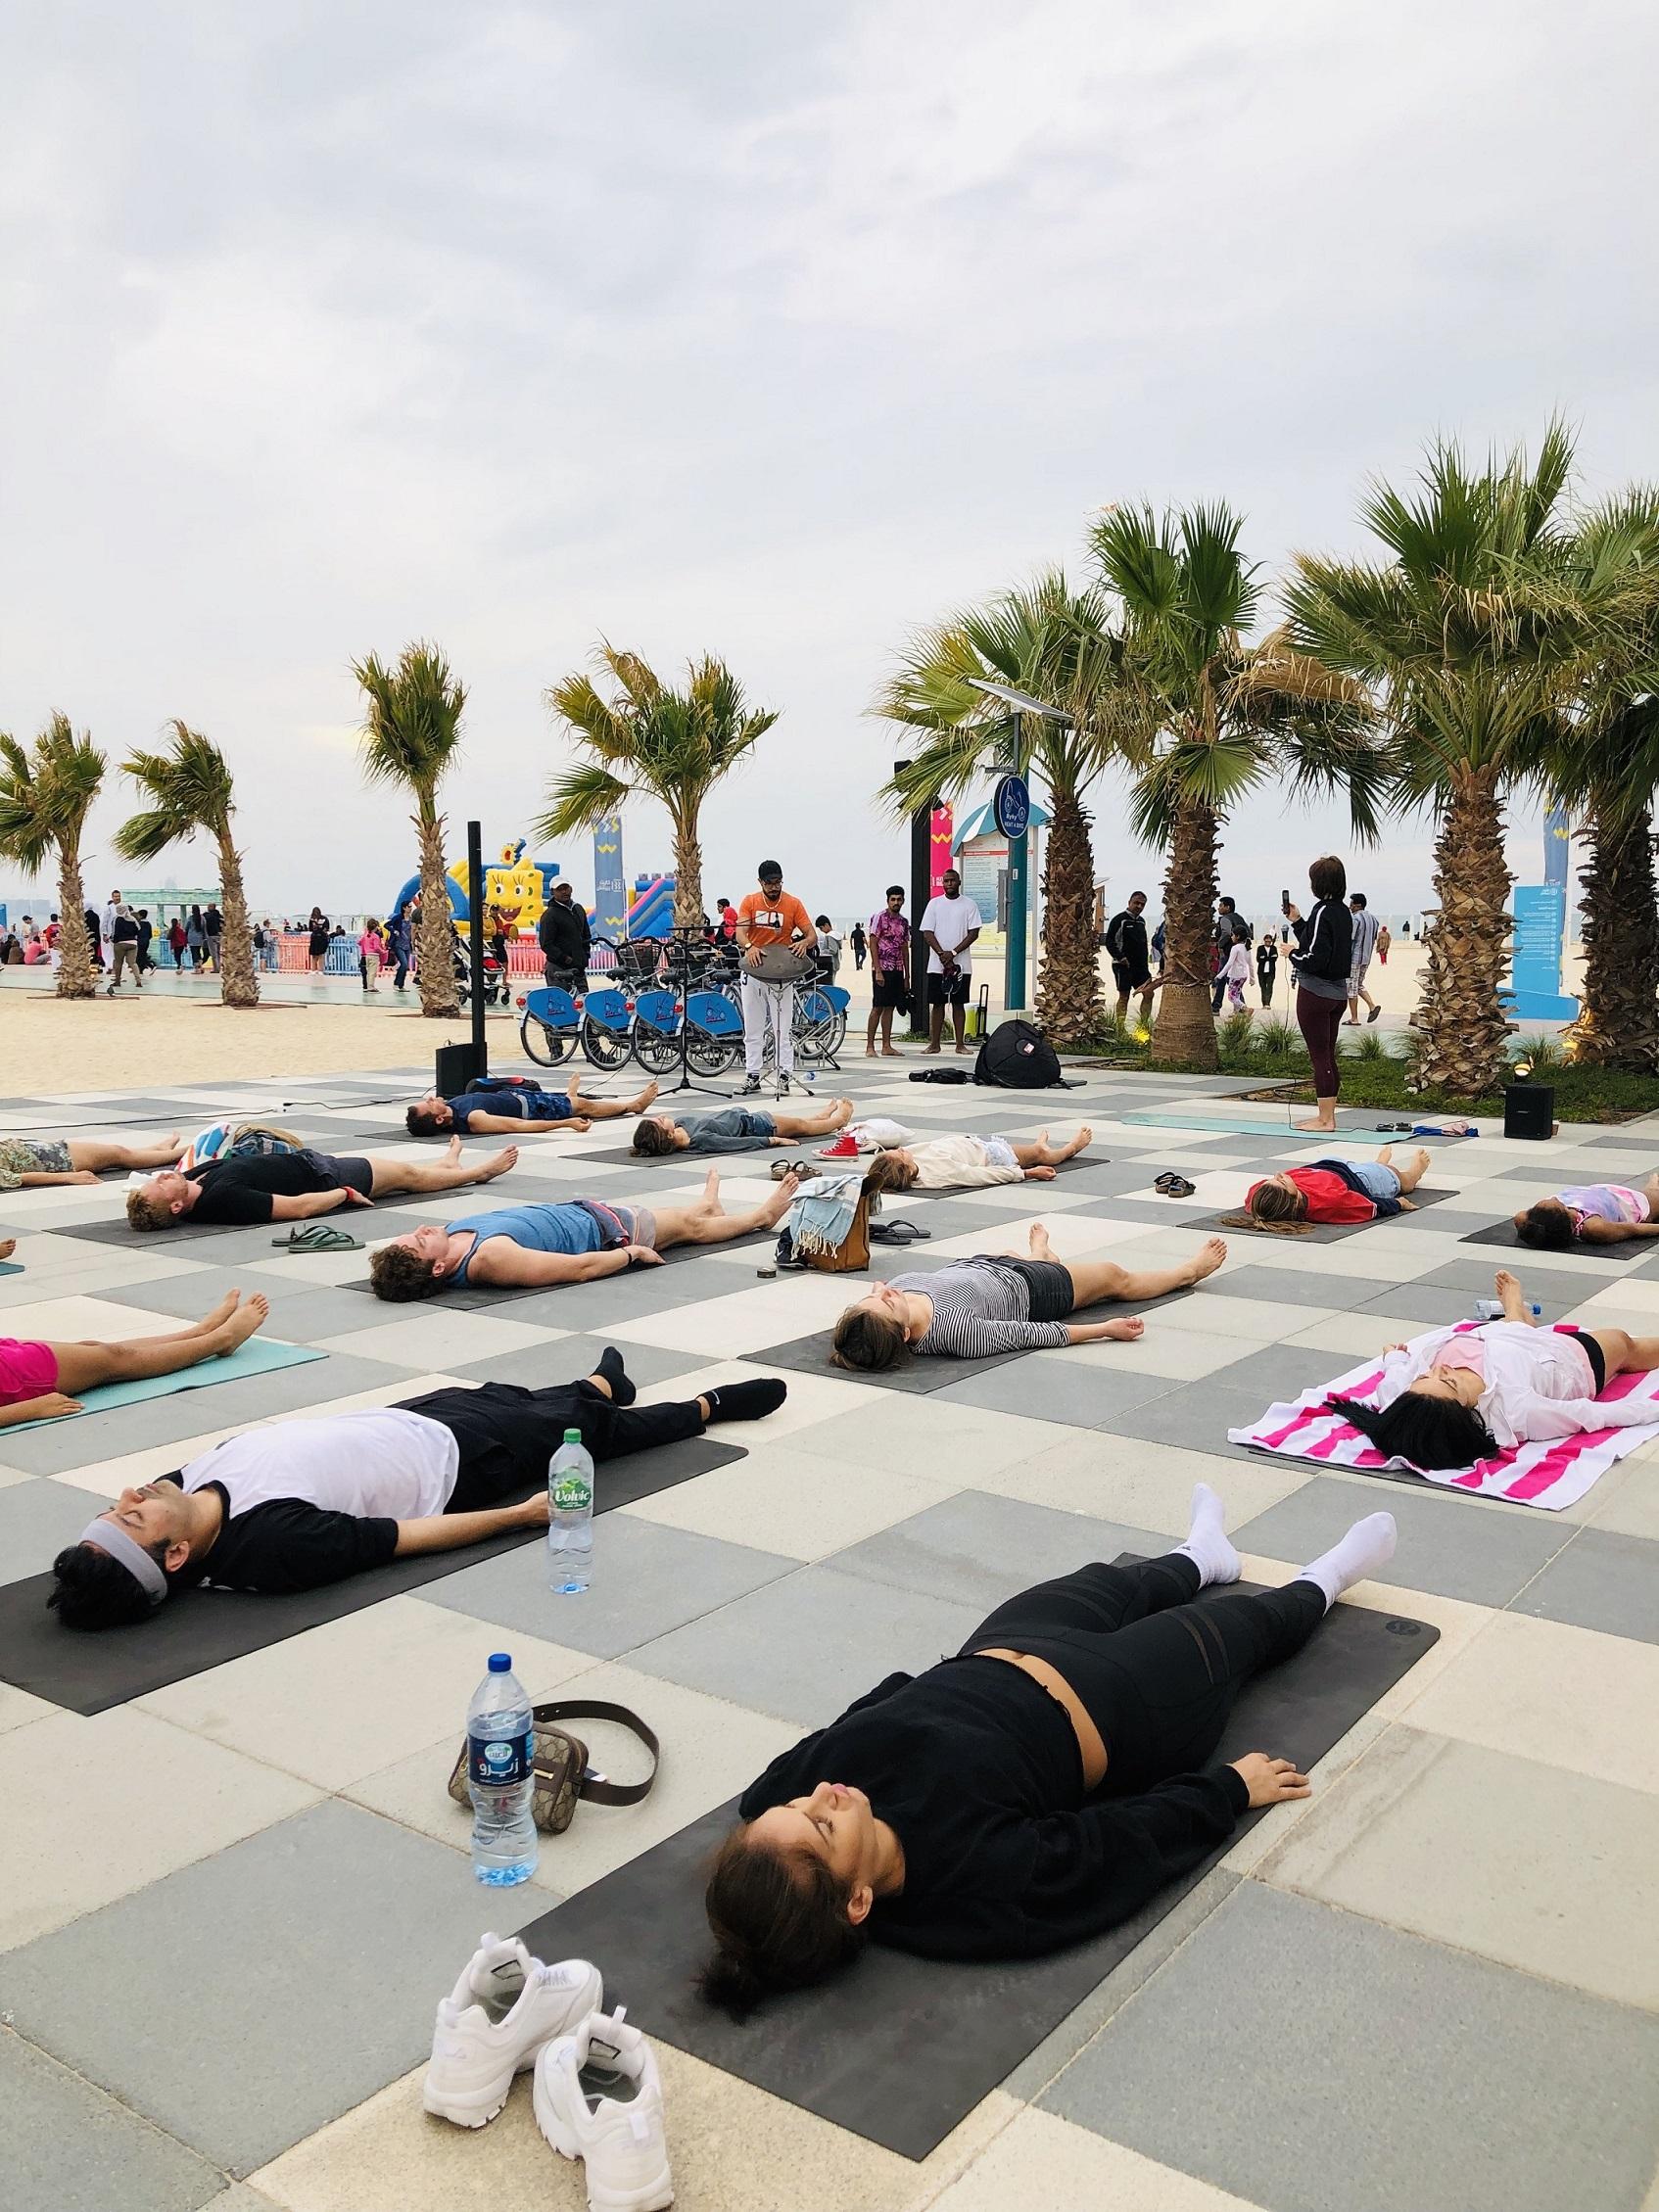 كايت بييتش تنظم جلسات رياضية مجانية خلال مهرجان دبي للمأكولات 2019